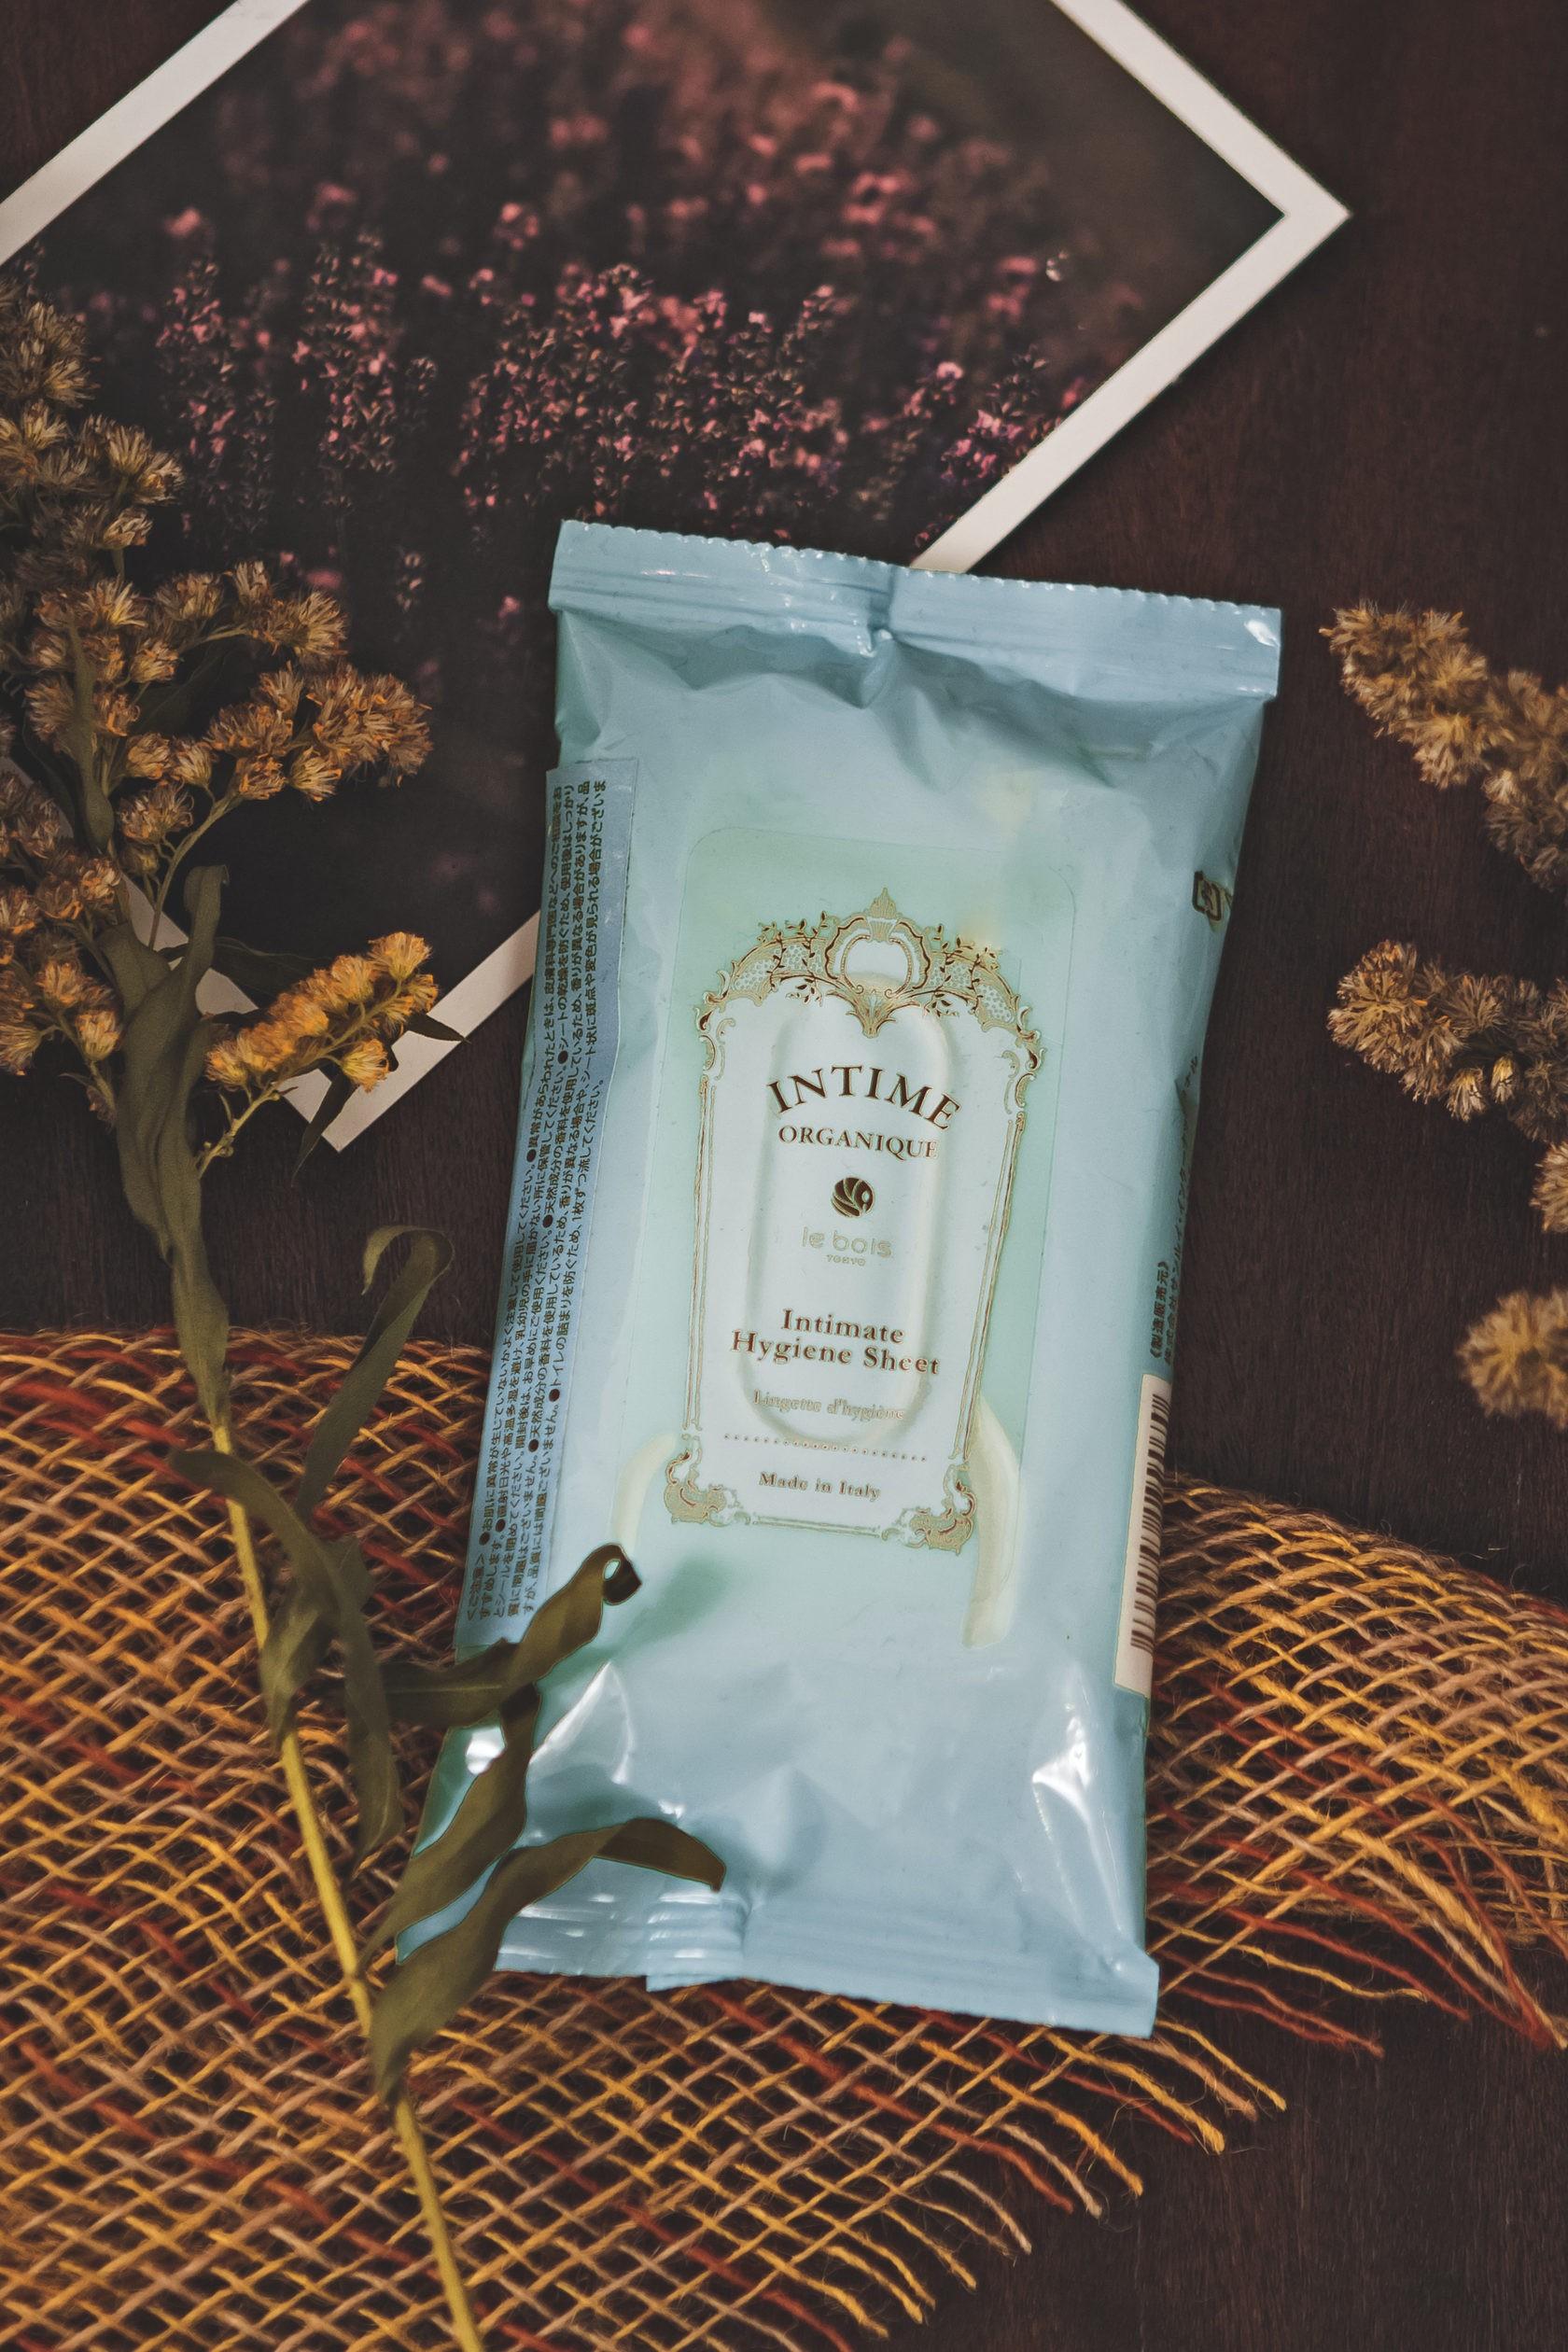 Органические гигиенические салфетки для интимной зоны Hygiene Sheet Intime Organique Япония 12 шт(р) — фото №2